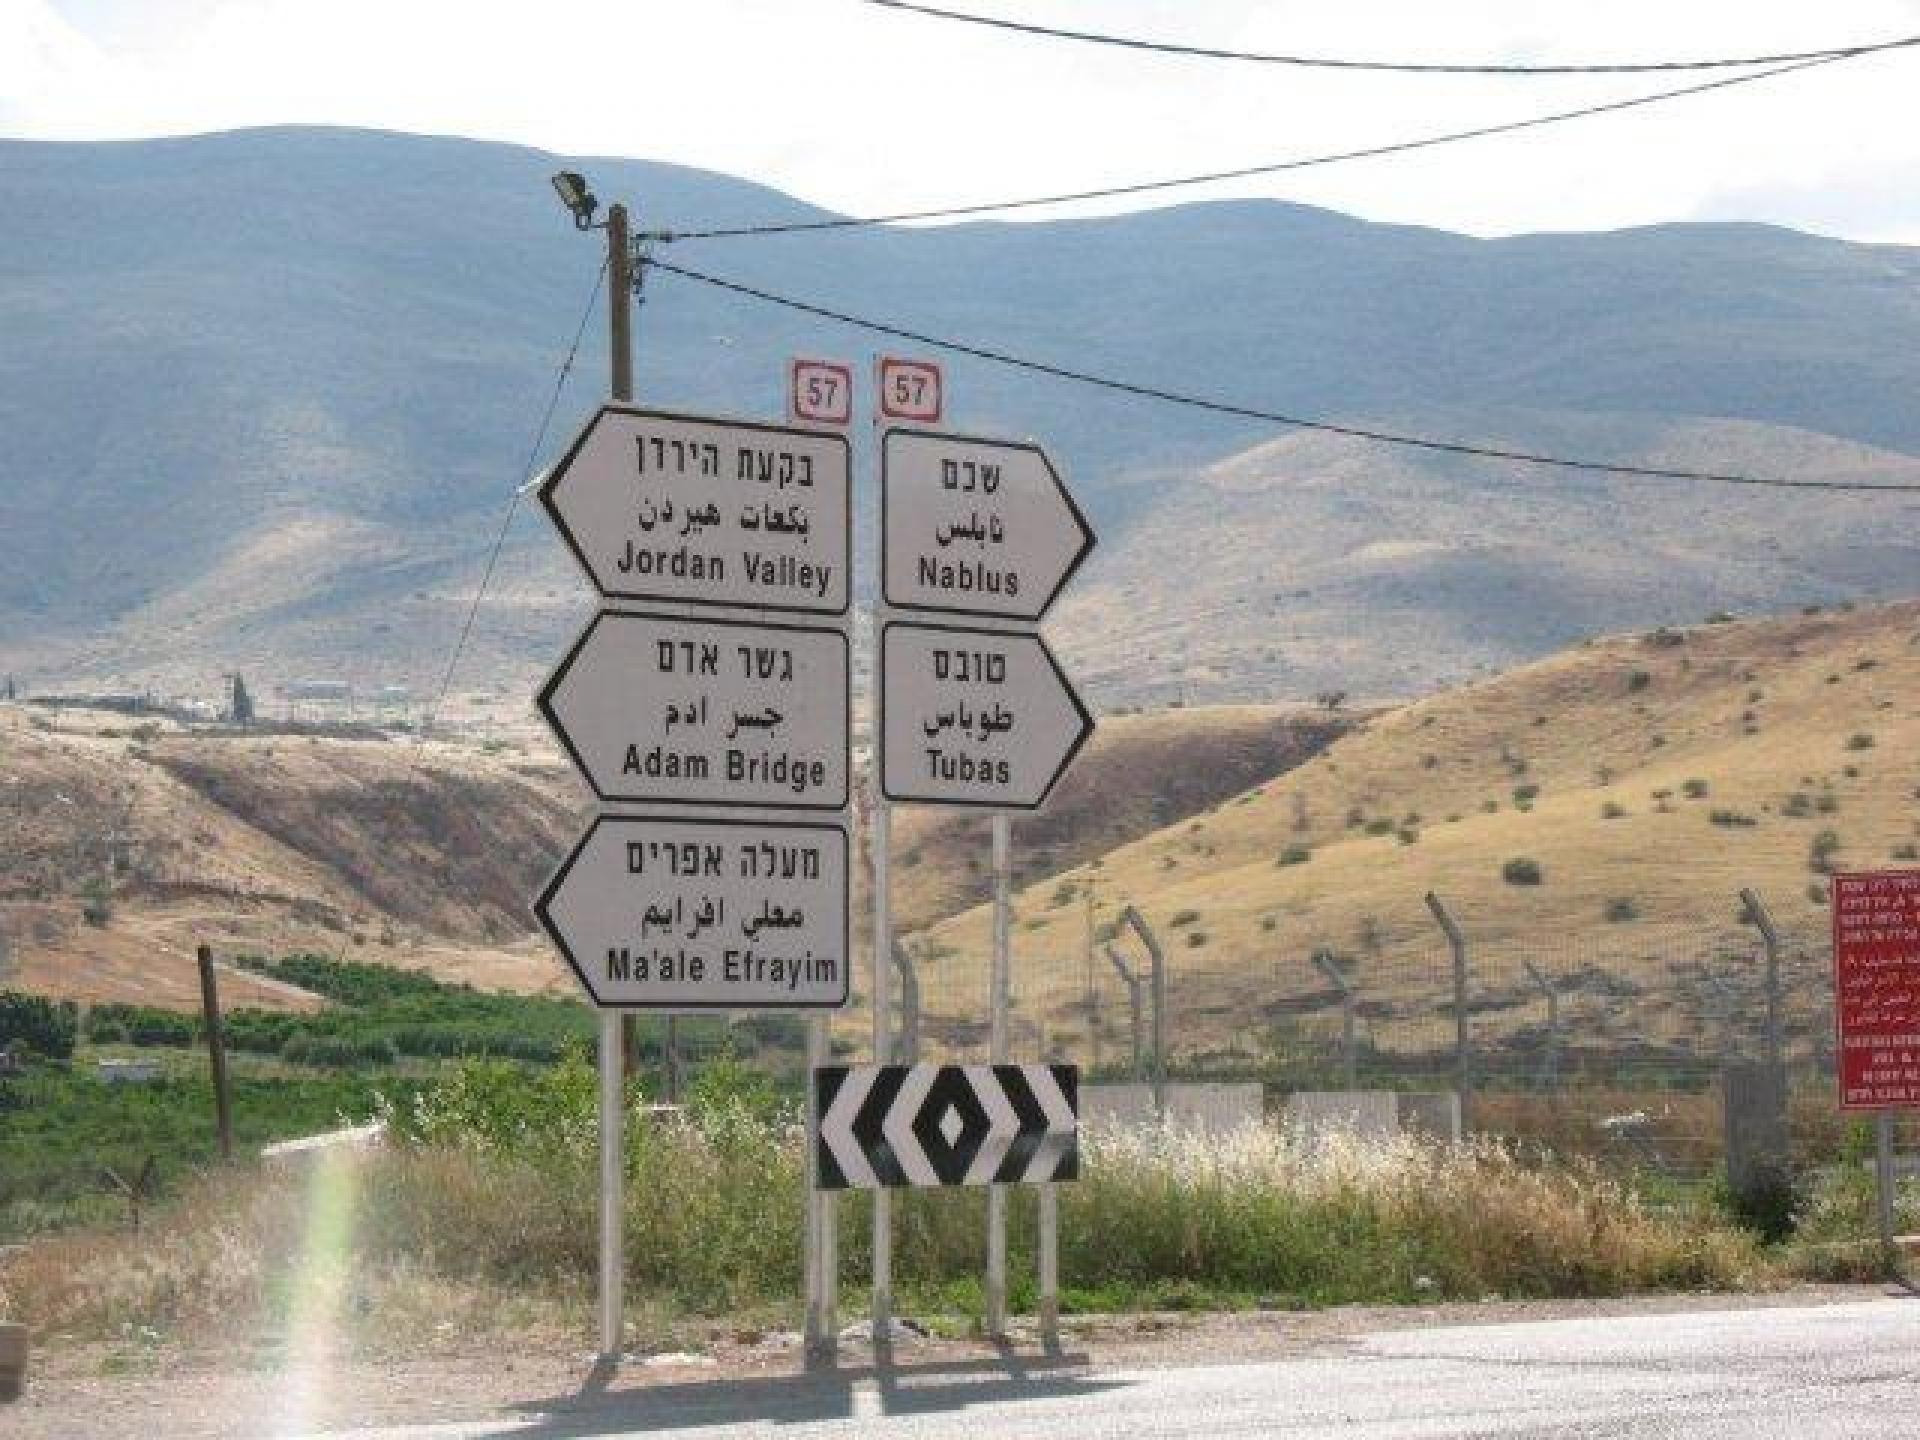 Jordan Valley 20.04.11